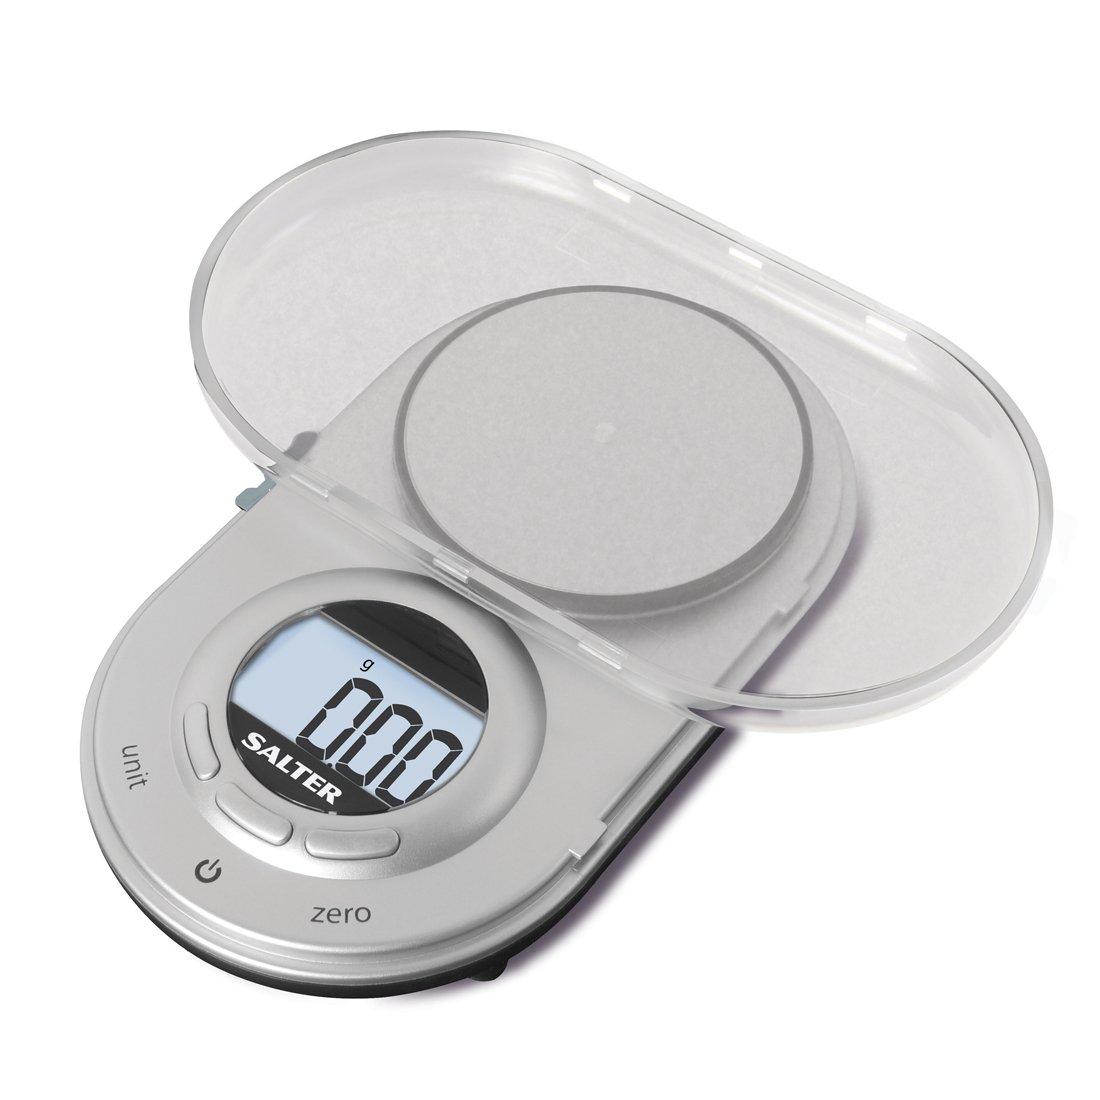 Salter 1260 SVDR Bilancia Dietetica di Precisione, Pesa fino a 500g, Incrementi di 0.05 Grammi, Il coperchio Diventa il recipiente per la Pesata, Grigio 1260 SVDR_